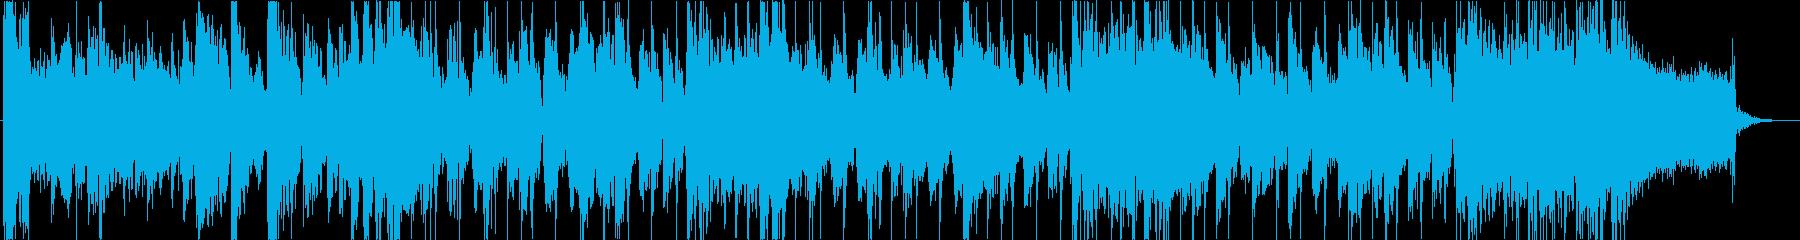 ロックで和風楽器な映像用のリズミカルな曲の再生済みの波形